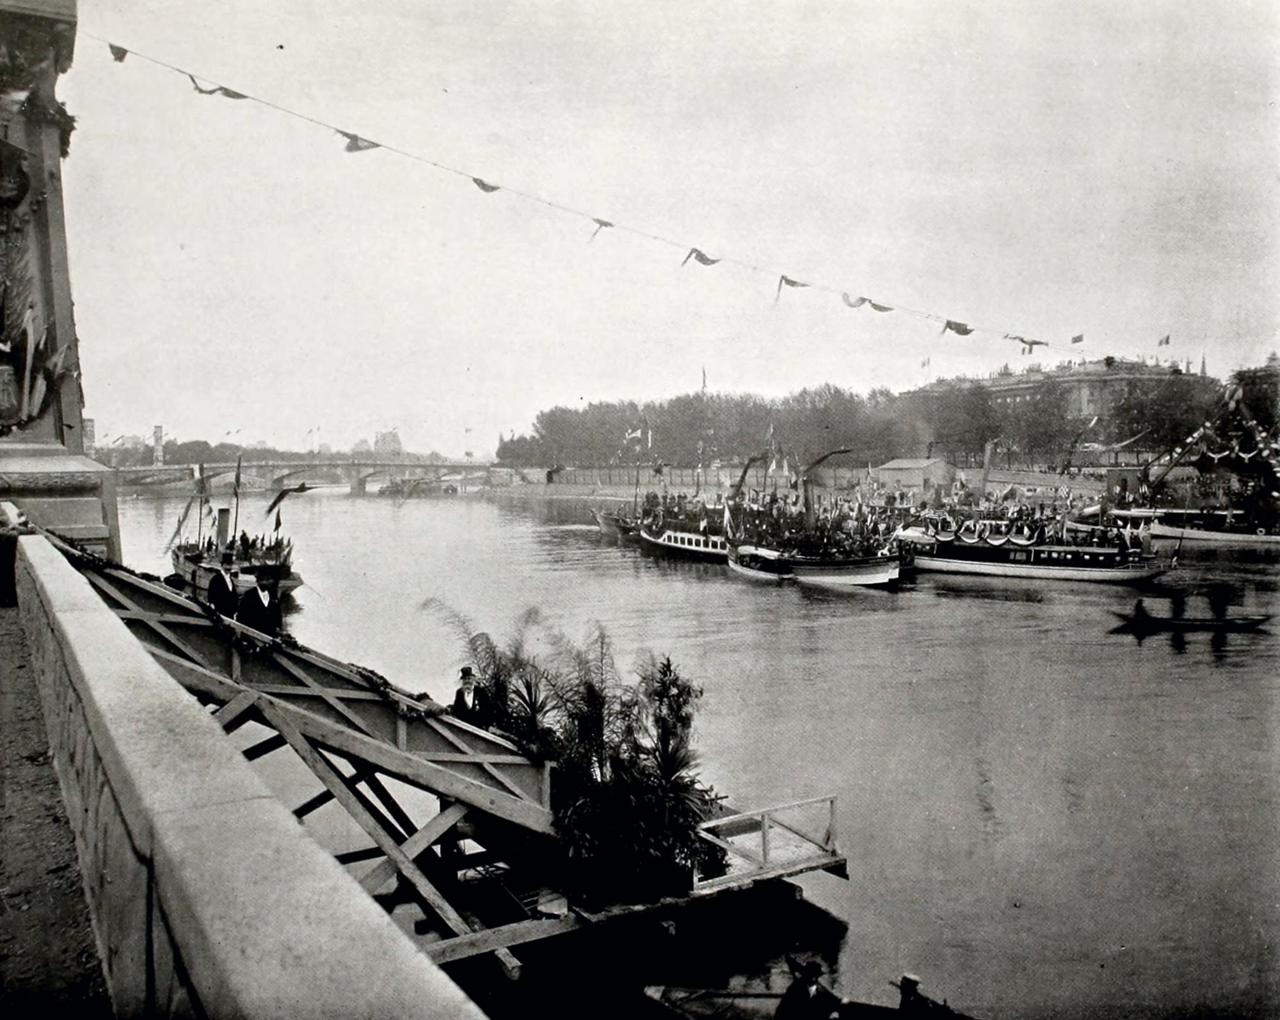 Торжественная закладка моста императора Александра III через Сену